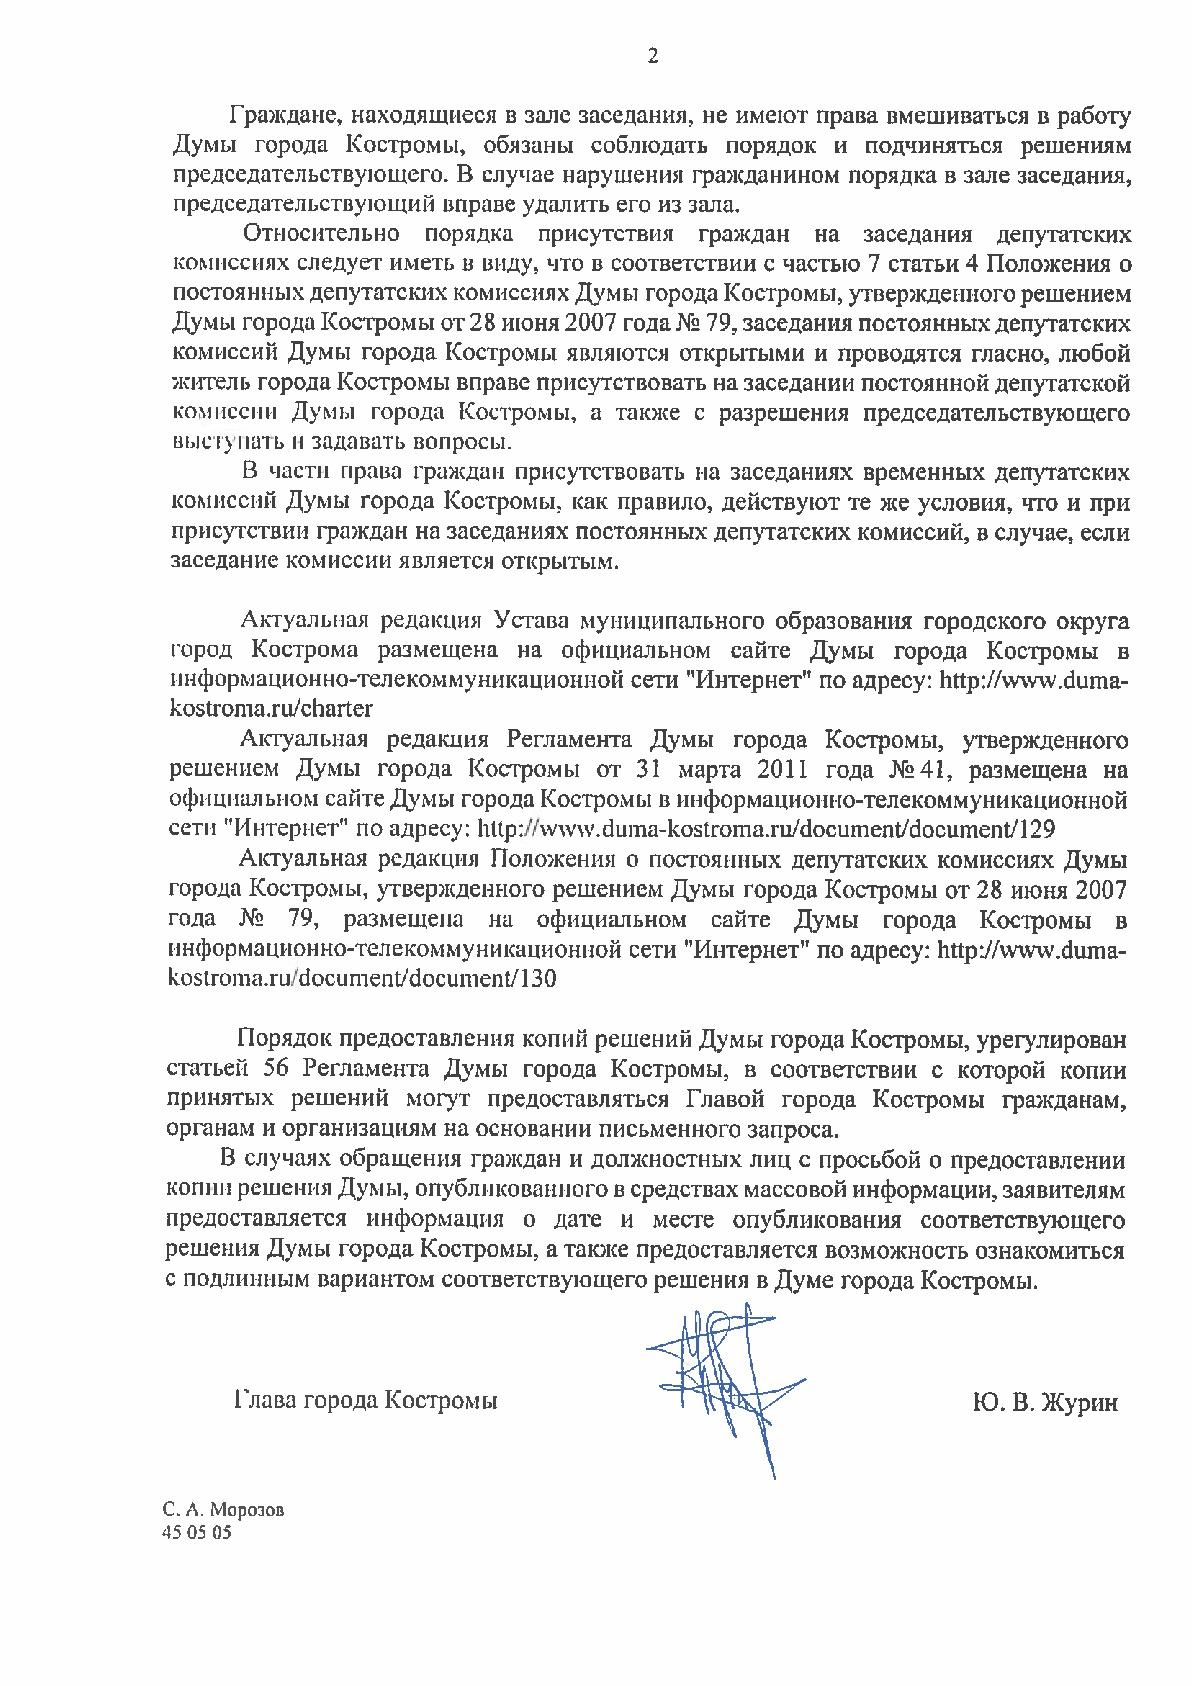 2018 Ответ из Думы города Костромы о присутствии избирателей на заседаниях Стр 2